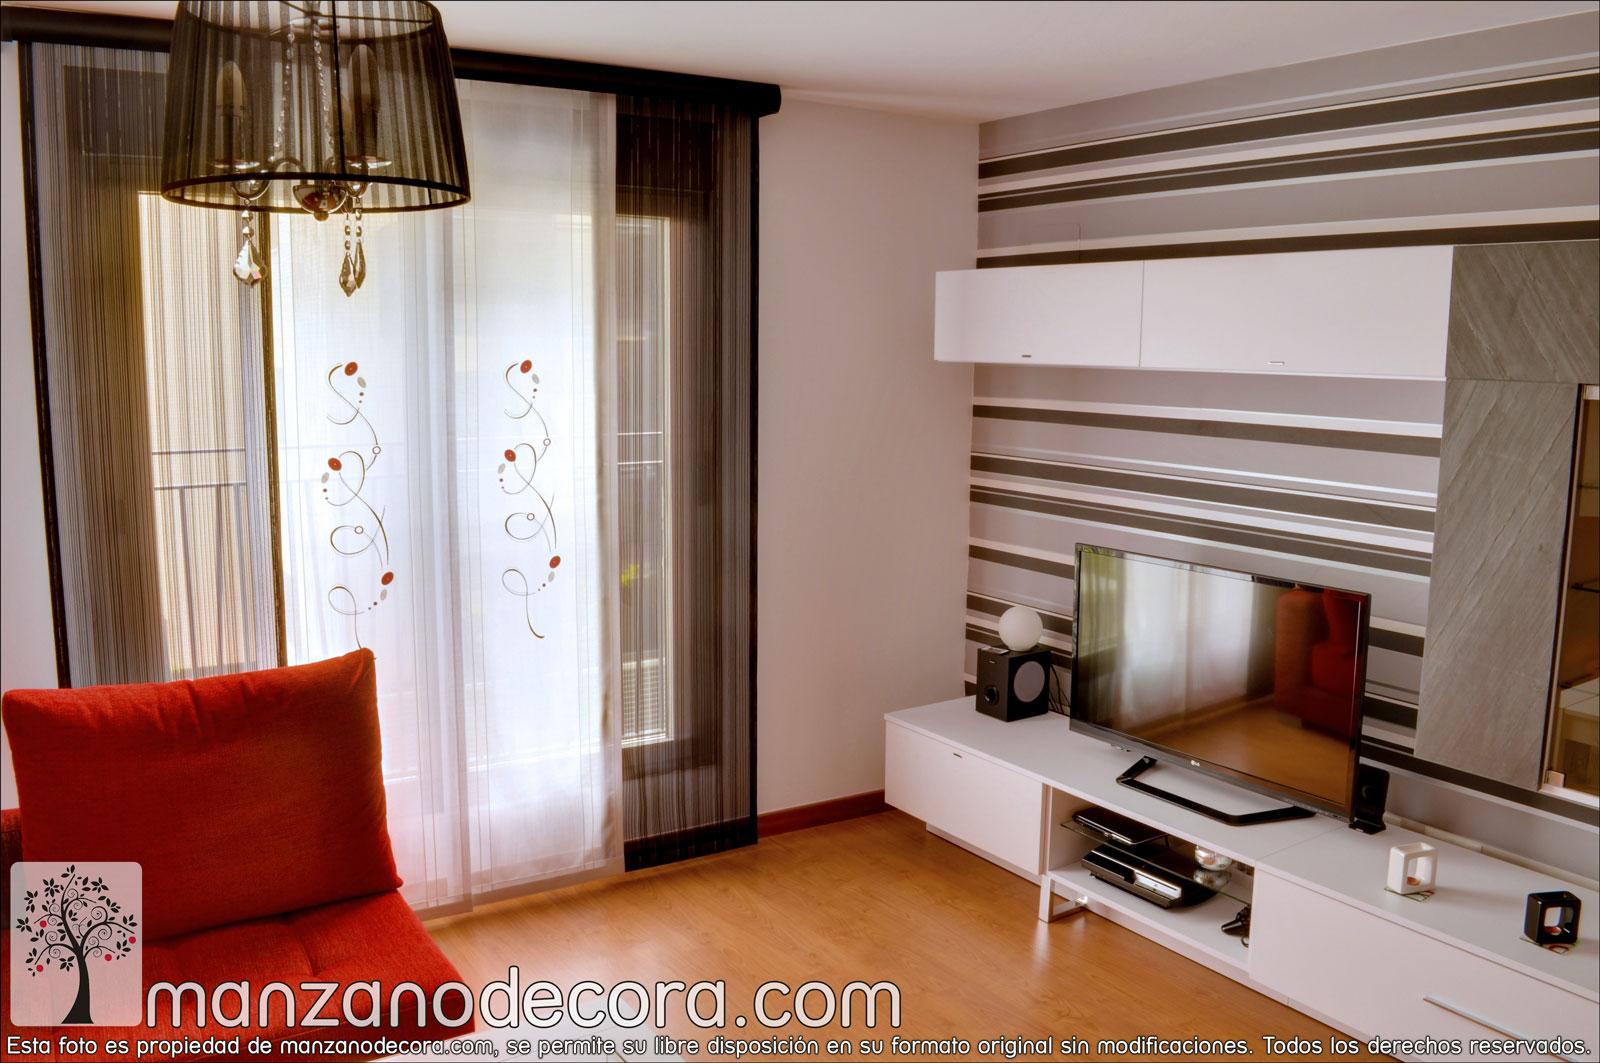 Paneles japoneses bordados cortinas manzanodecora - Paneles chinos cortinas ...